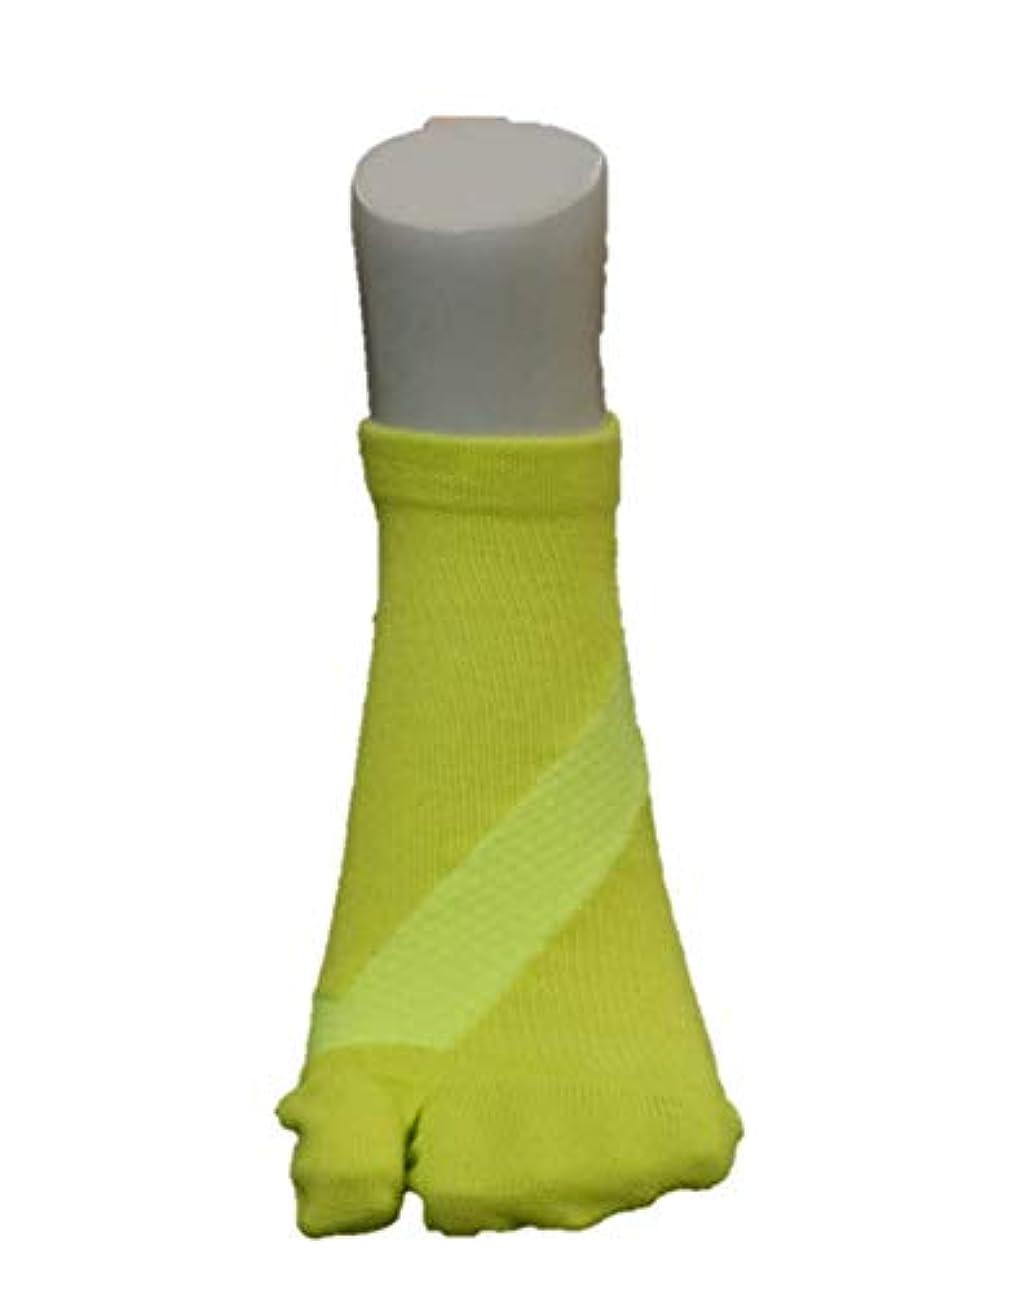 費用羊の服を着た狼なにさとう式 フレクサーソックス アンクル 黄色 (L 26-28)